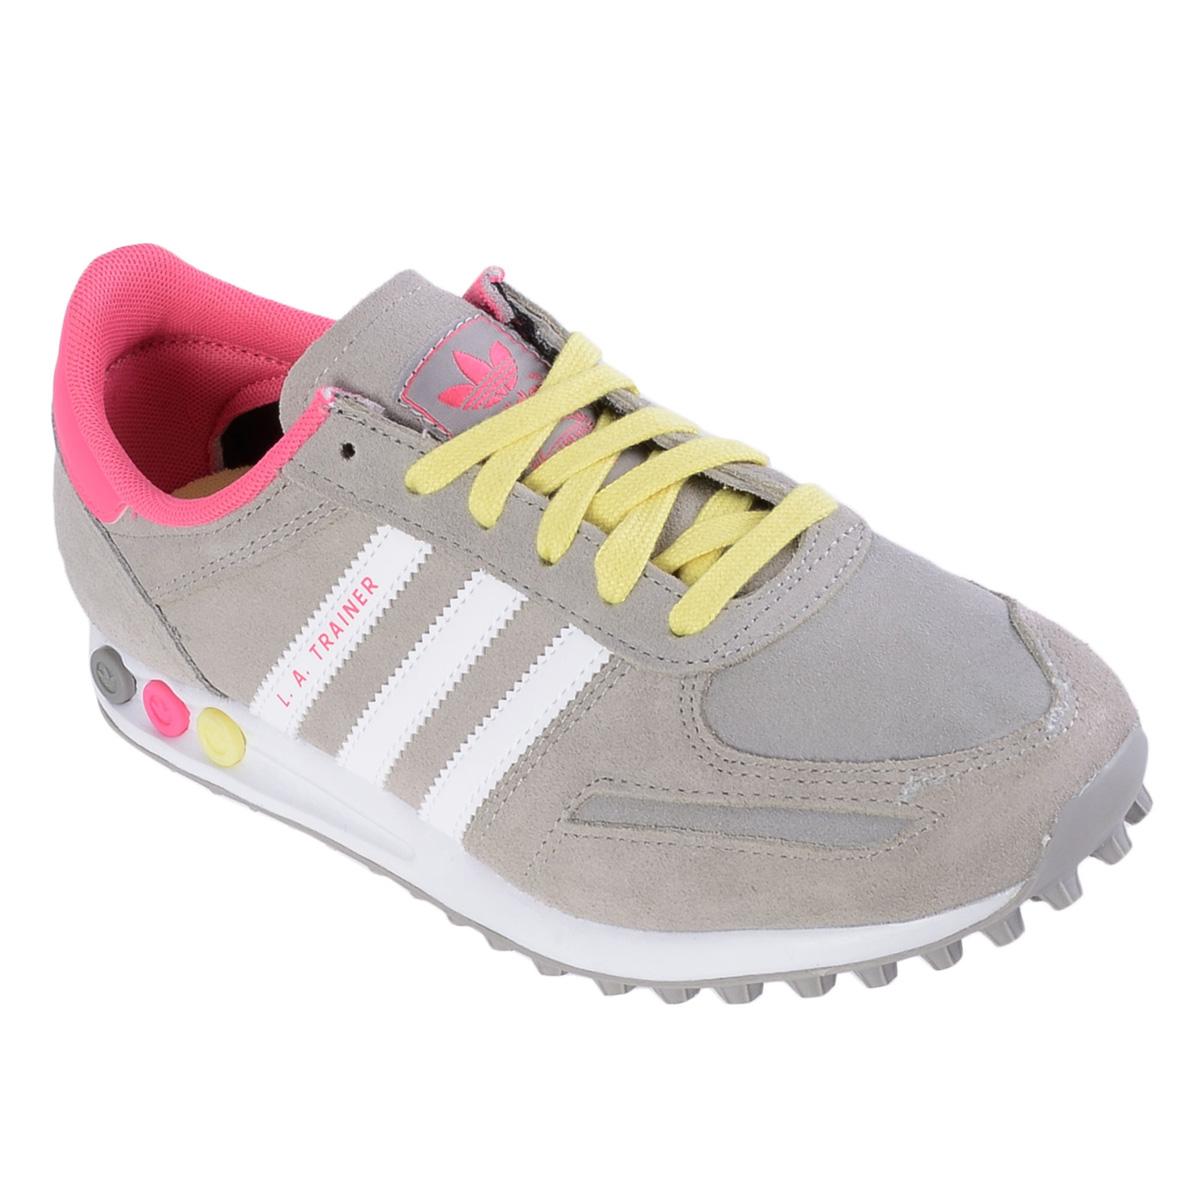 123. scarpe adidas la trainer donna 81147